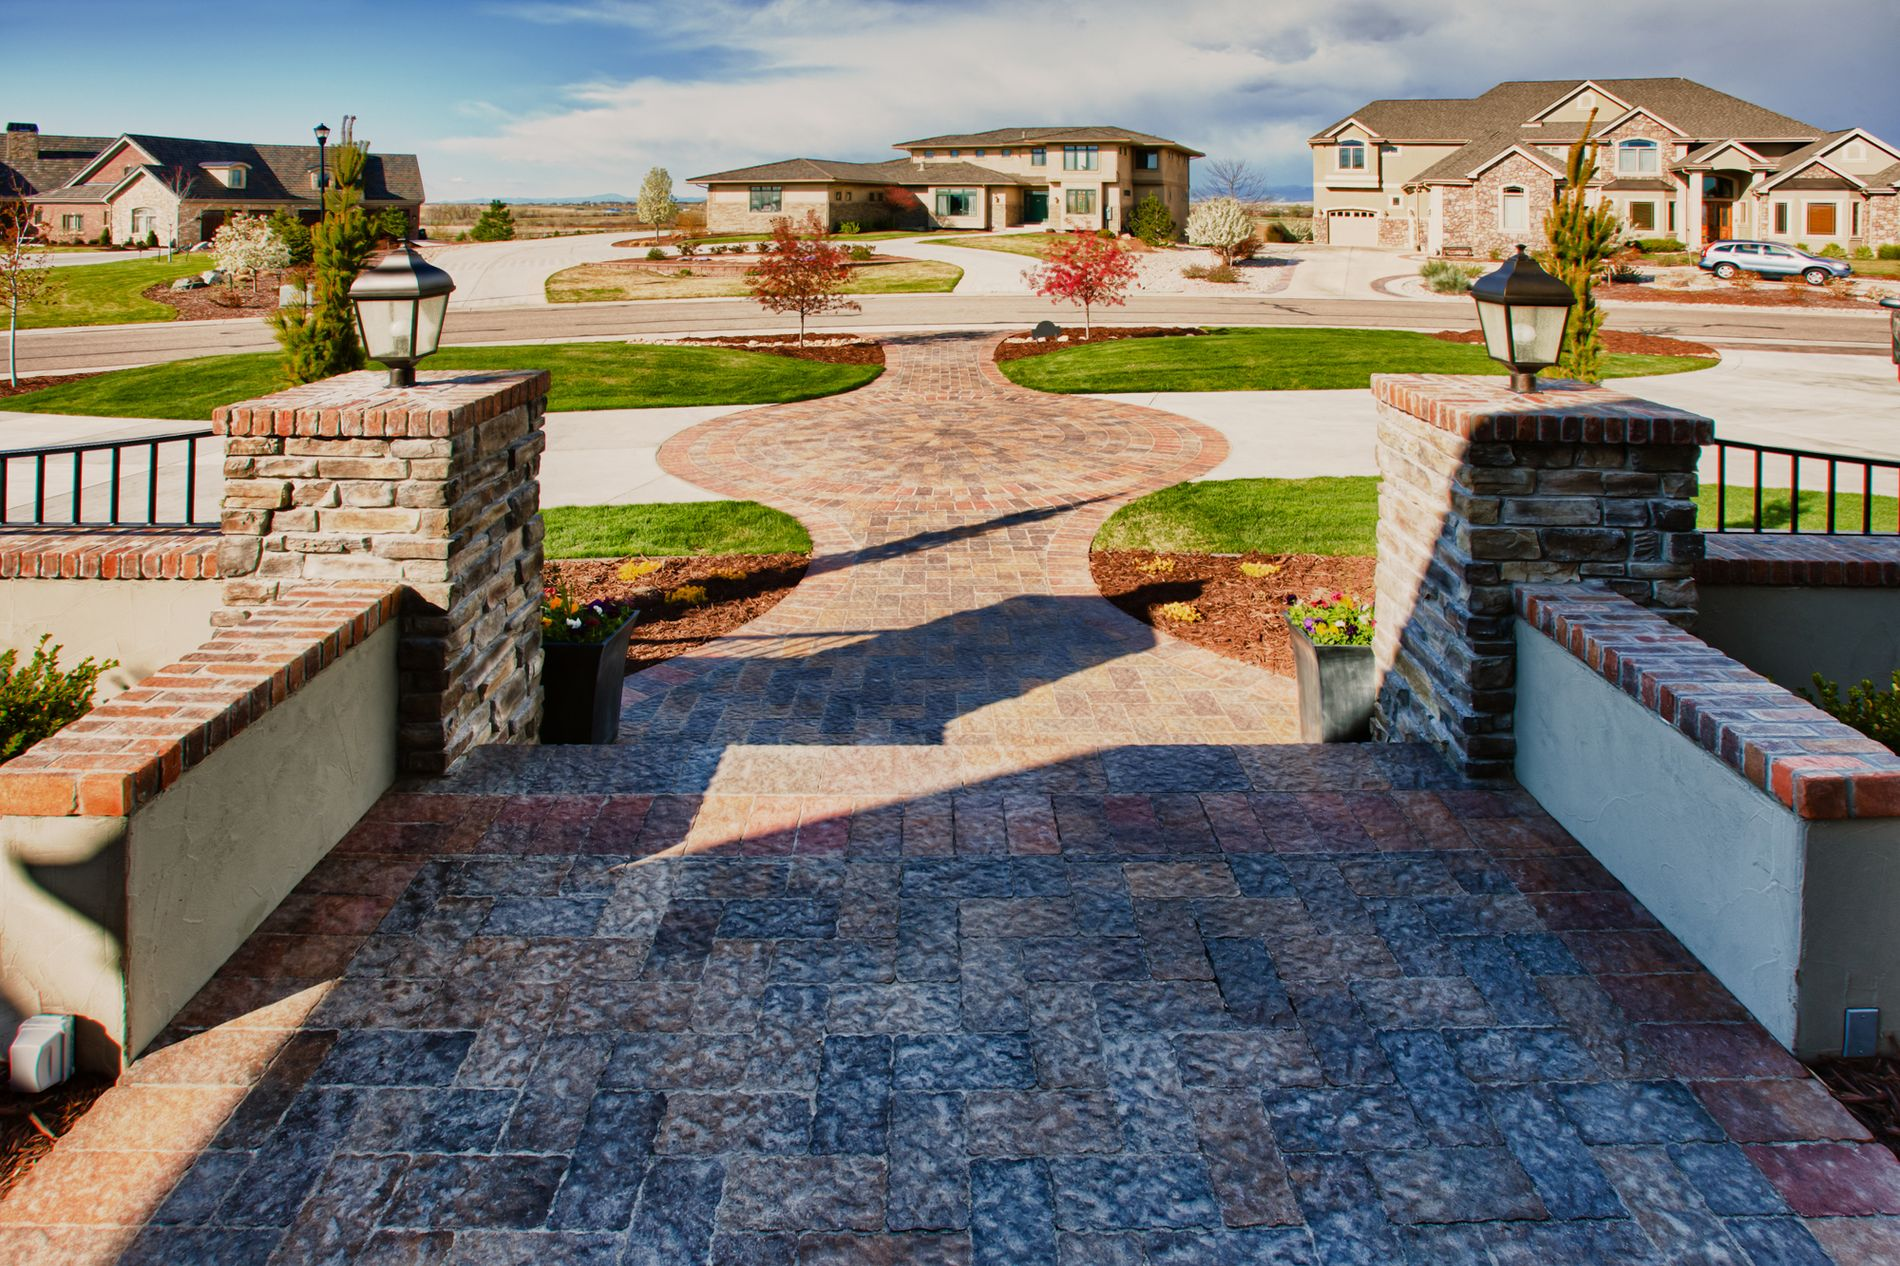 Decorative Concrete Paver Entrance